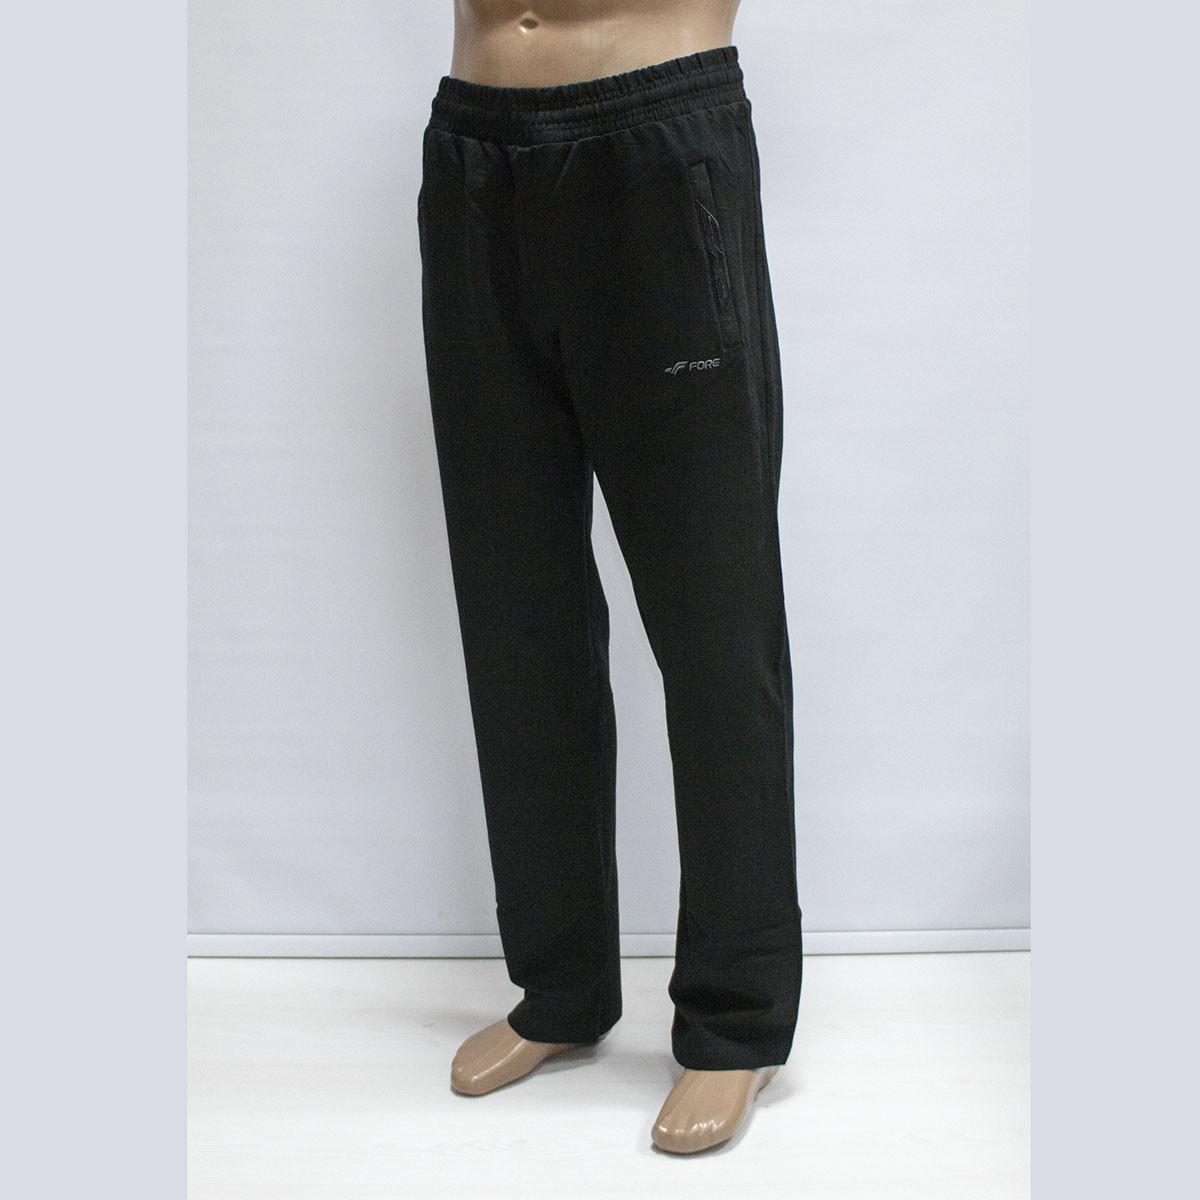 Спортивные турецкие мужские штаны тм. FORE 9535